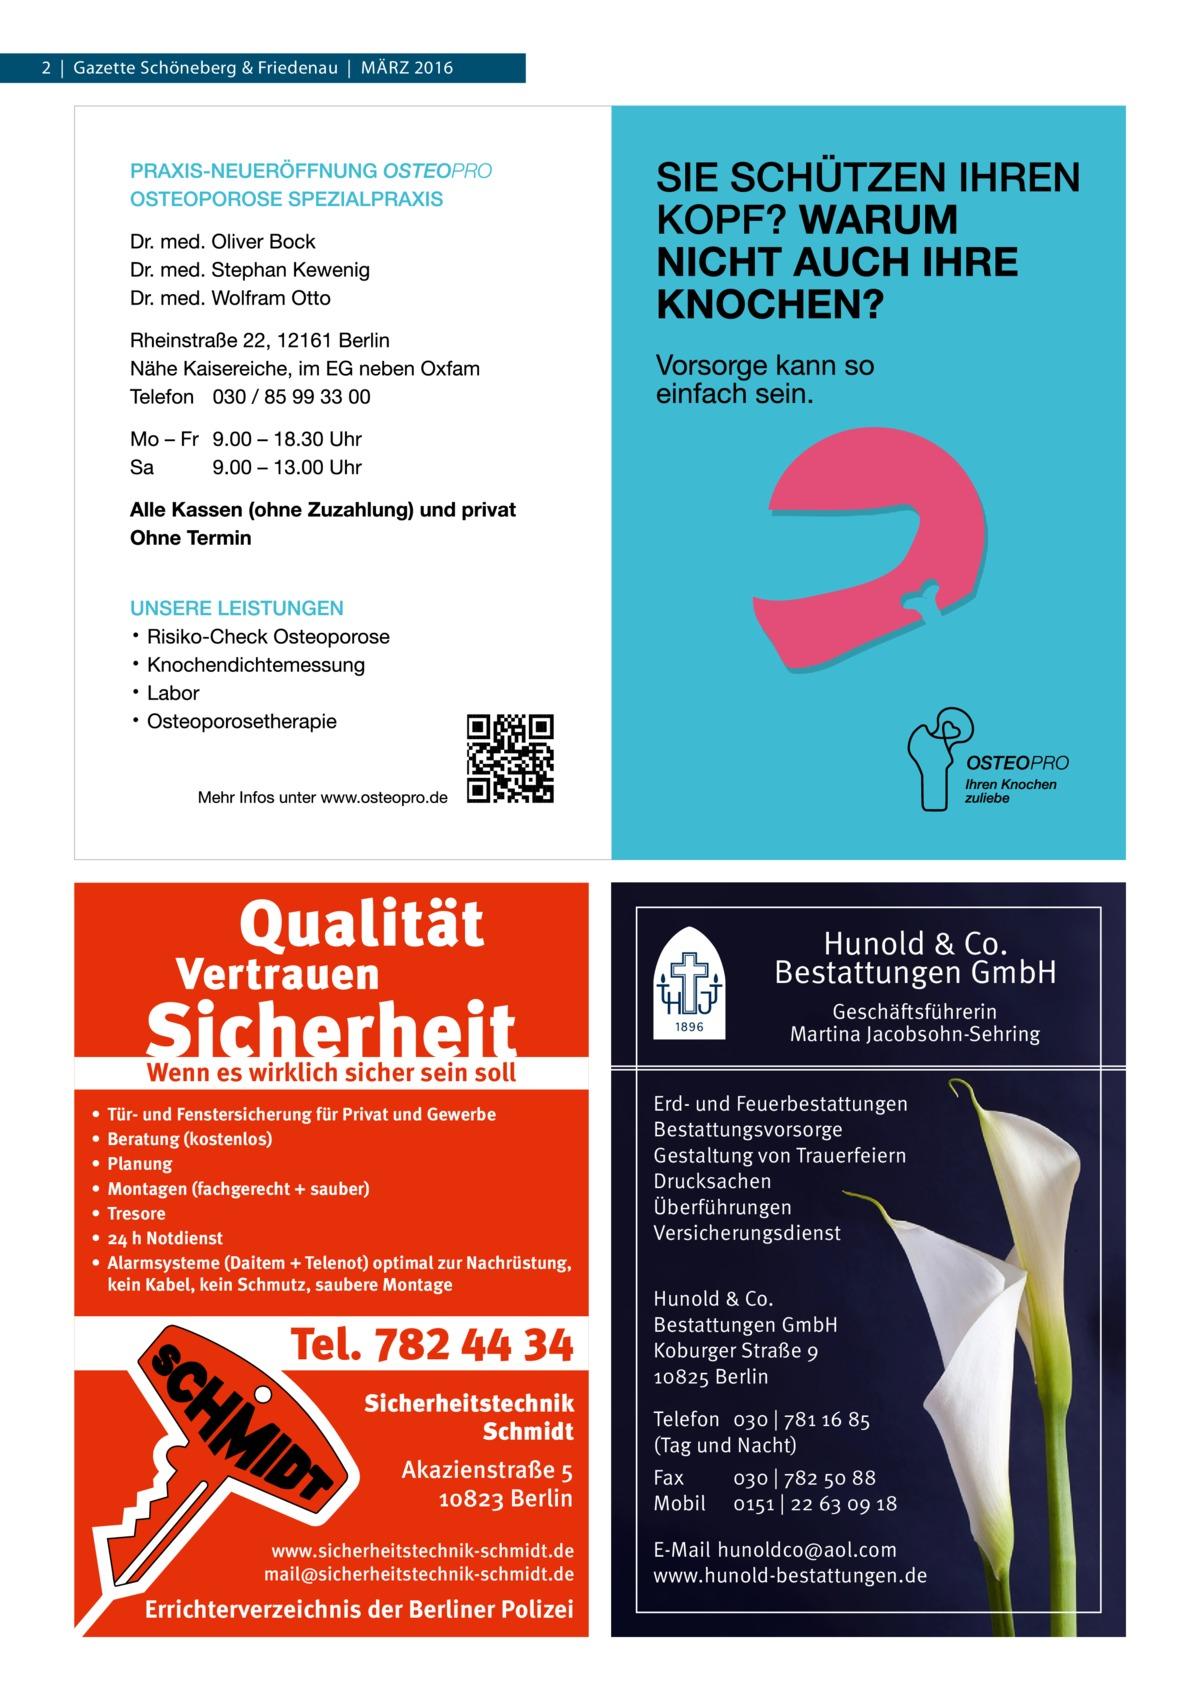 2|Gazette Schöneberg & Friedenau|März 2016  Hunold & Co. Bestattungen GmbH Geschäftsführerin Martina Jacobsohn-Sehring  Wenn es wirklich sicher sein soll • • • • • • •  Tür- und Fenstersicherung für Privat und Gewerbe Beratung (kostenlos) Planung Montagen (fachgerecht + sauber) Tresore 24 h Notdienst Alarmsysteme (Daitem + Telenot) optimal zur Nachrüstung, kein Kabel, kein Schmutz, saubere Montage  Tel. 782 44 34 Sicherheitstechnik Schmidt Akazienstraße 5 10823 Berlin www.sicherheitstechnik-schmidt.de mail@sicherheitstechnik-schmidt.de  Errichterverzeichnis der Berliner Polizei  Erd- und Feuerbestattungen Bestattungsvorsorge Gestaltung von Trauerfeiern Drucksachen Überführungen Versicherungsdienst Hunold & Co. Bestattungen GmbH Koburger Straße 9 10825 Berlin Telefon 030 | 781 16 85 (Tag und Nacht) Fax Mobil  030 | 782 50 88 0151 | 22 63 09 18  E-Mail hunoldco@aol.com www.hunold-bestattungen.de